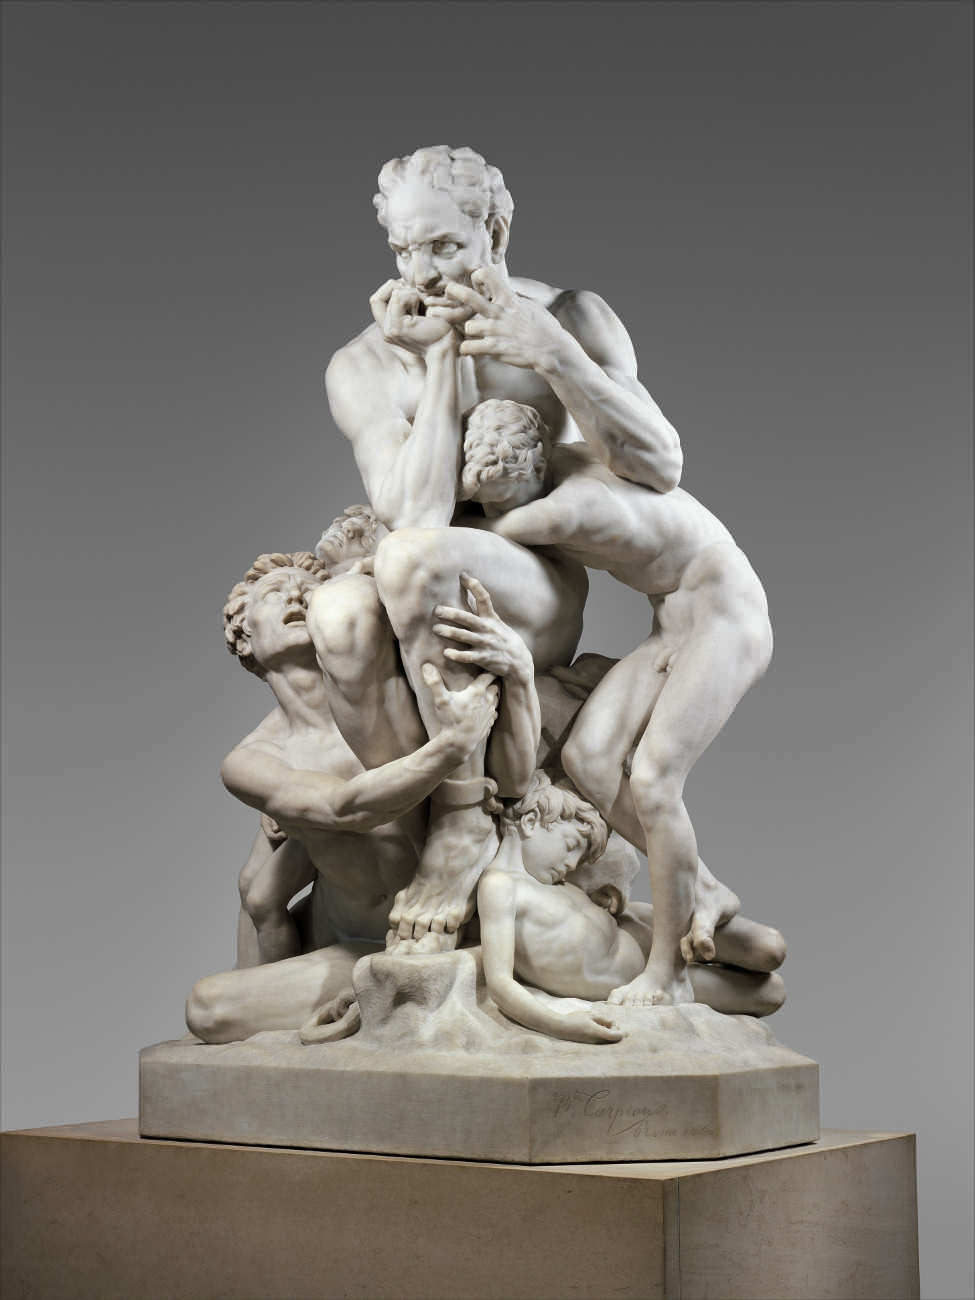 Jean-Baptiste Carpeaux, Ugolino und seine Söhne, Schräganblick, 1860 (The Metropolitan Museum, New York)